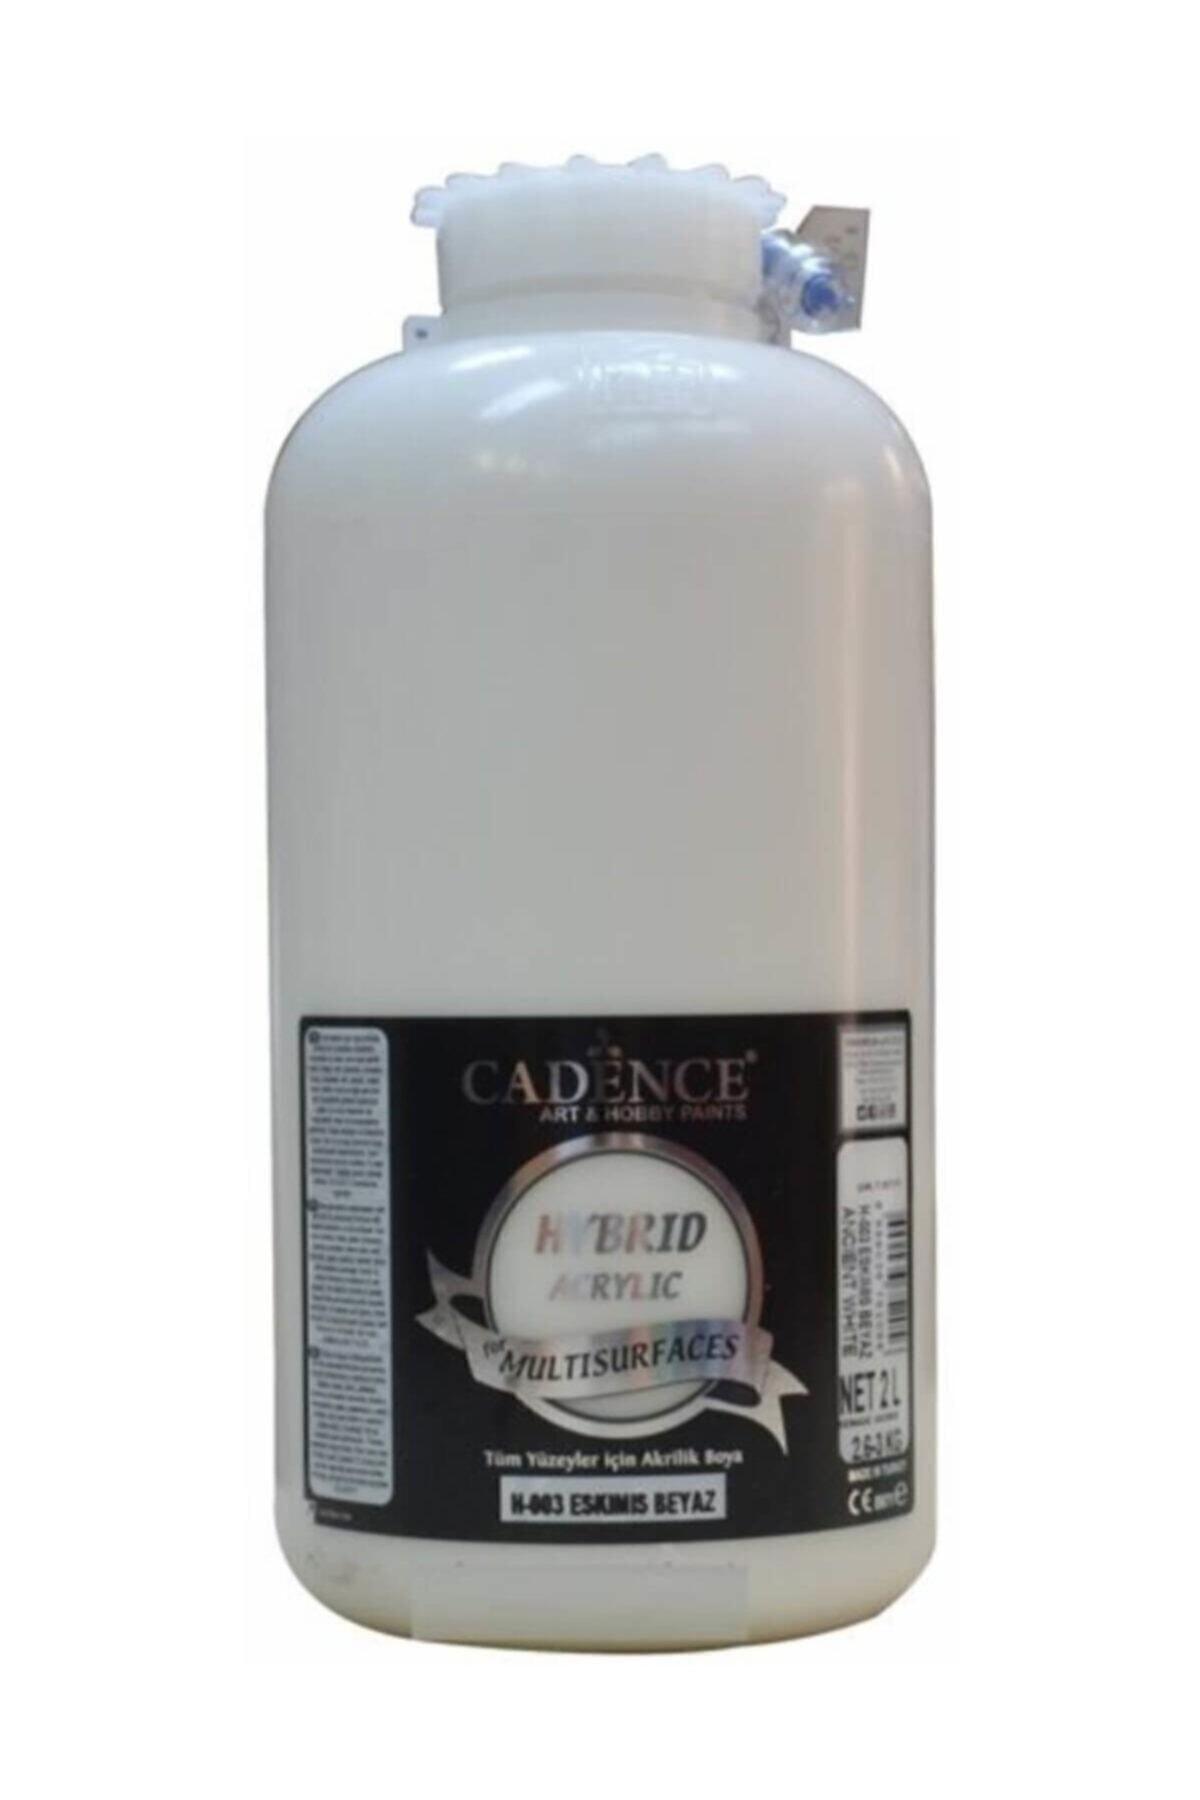 Cadence Hybrid Hibrit Multisurface Boya 2 Lt - H003 Eskimiş Beyaz 1